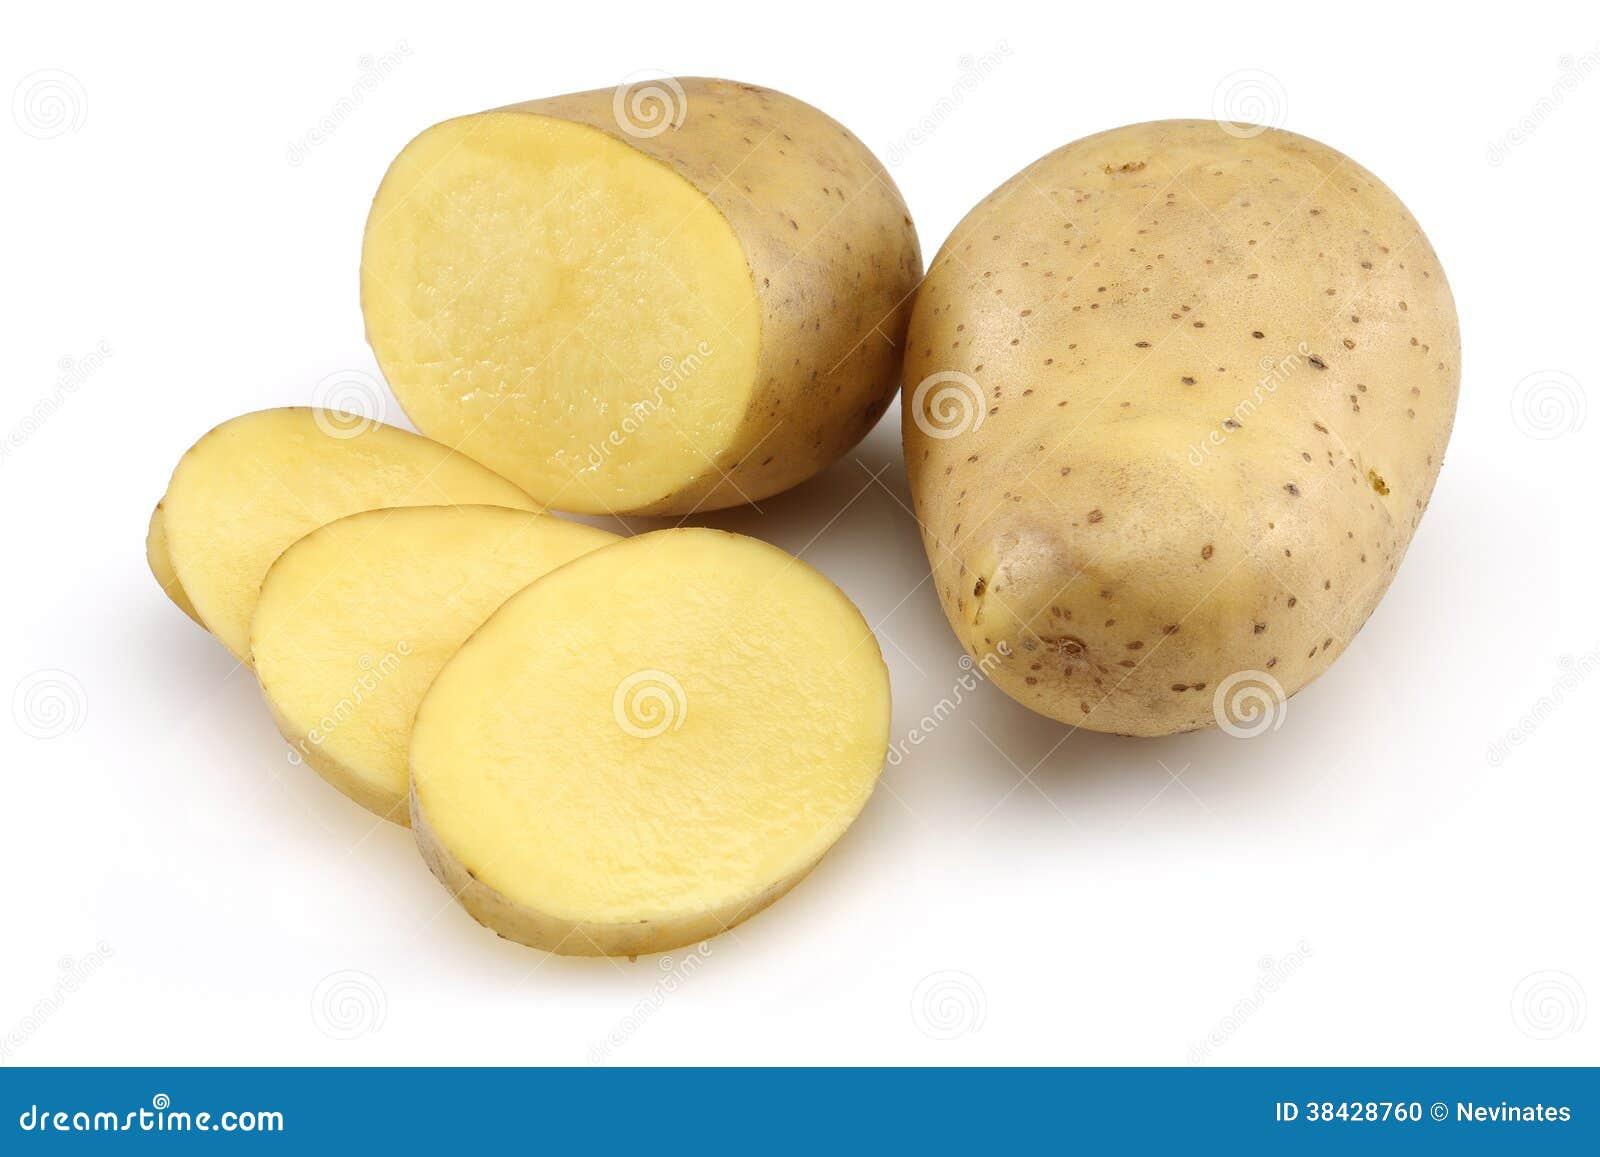 rohe kartoffel und geschnittene kartoffel stockfoto bild von essen vegan 38428760. Black Bedroom Furniture Sets. Home Design Ideas